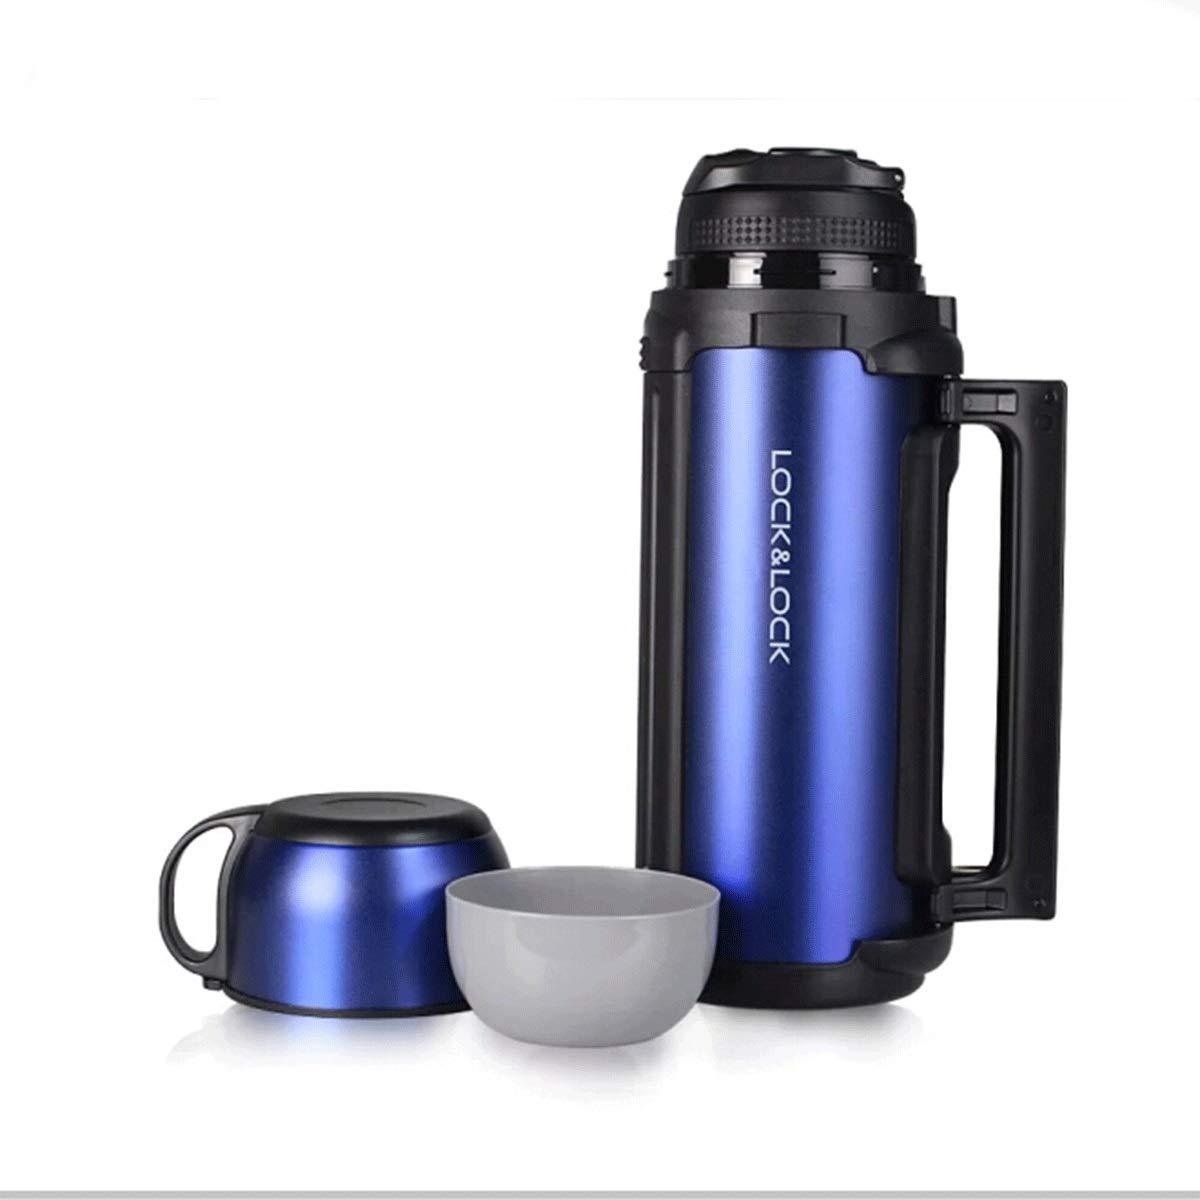 ハンドルが付いている絶縁カップ、大容量魔法瓶、車/家のやかん、屋外の旅行携帯用男性と女性のやかん、ステンレス鋼のコップ、1.8 L (Color : Blue)  Blue B07RJYVJ6C